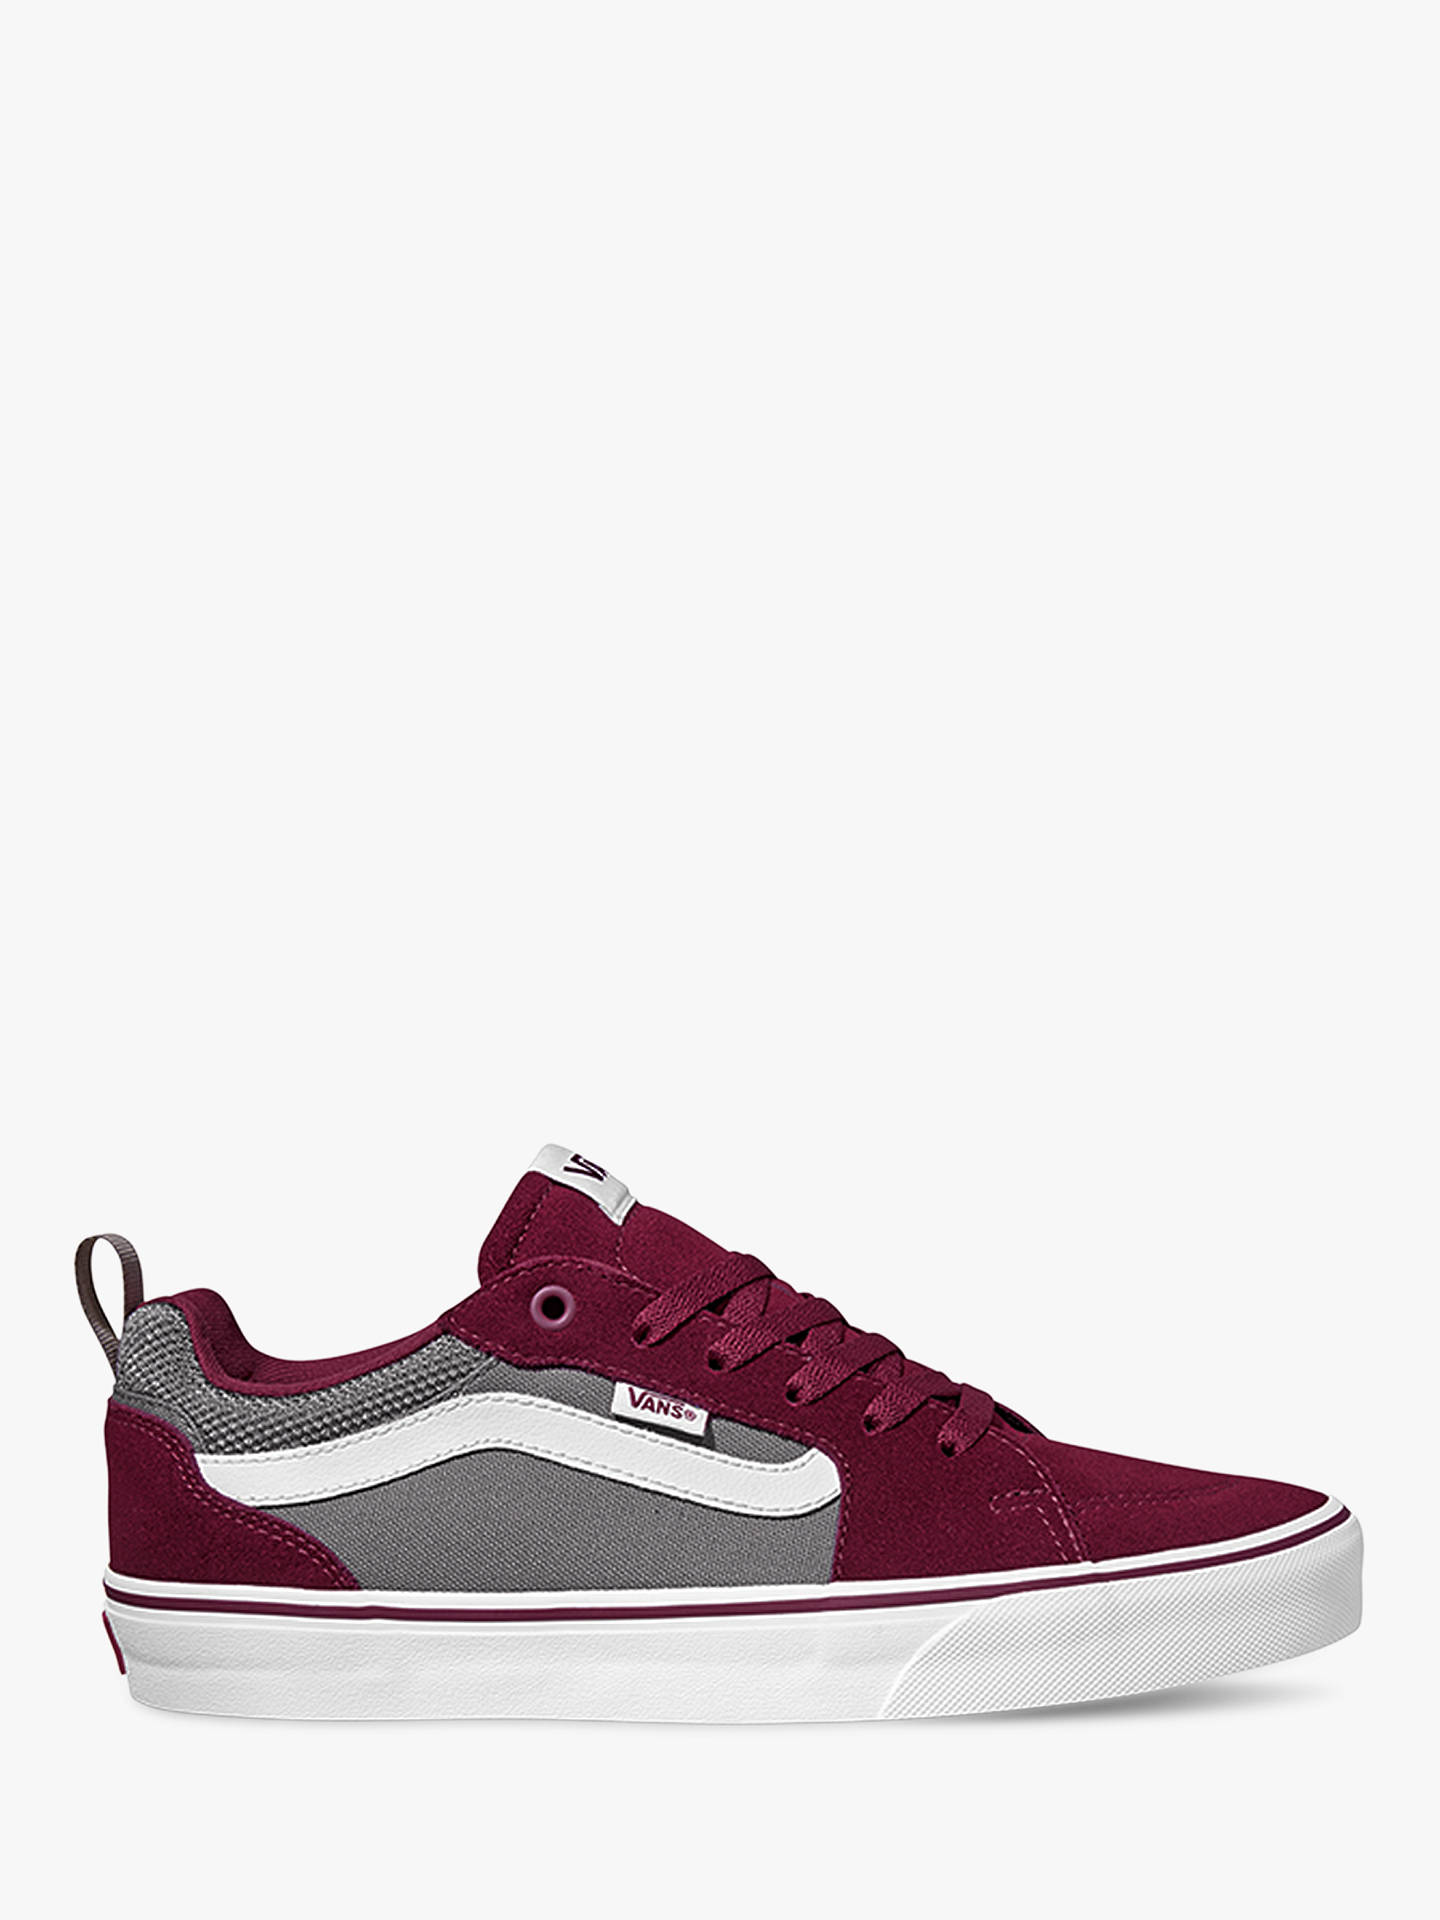 john lewis hommes vans chaussures